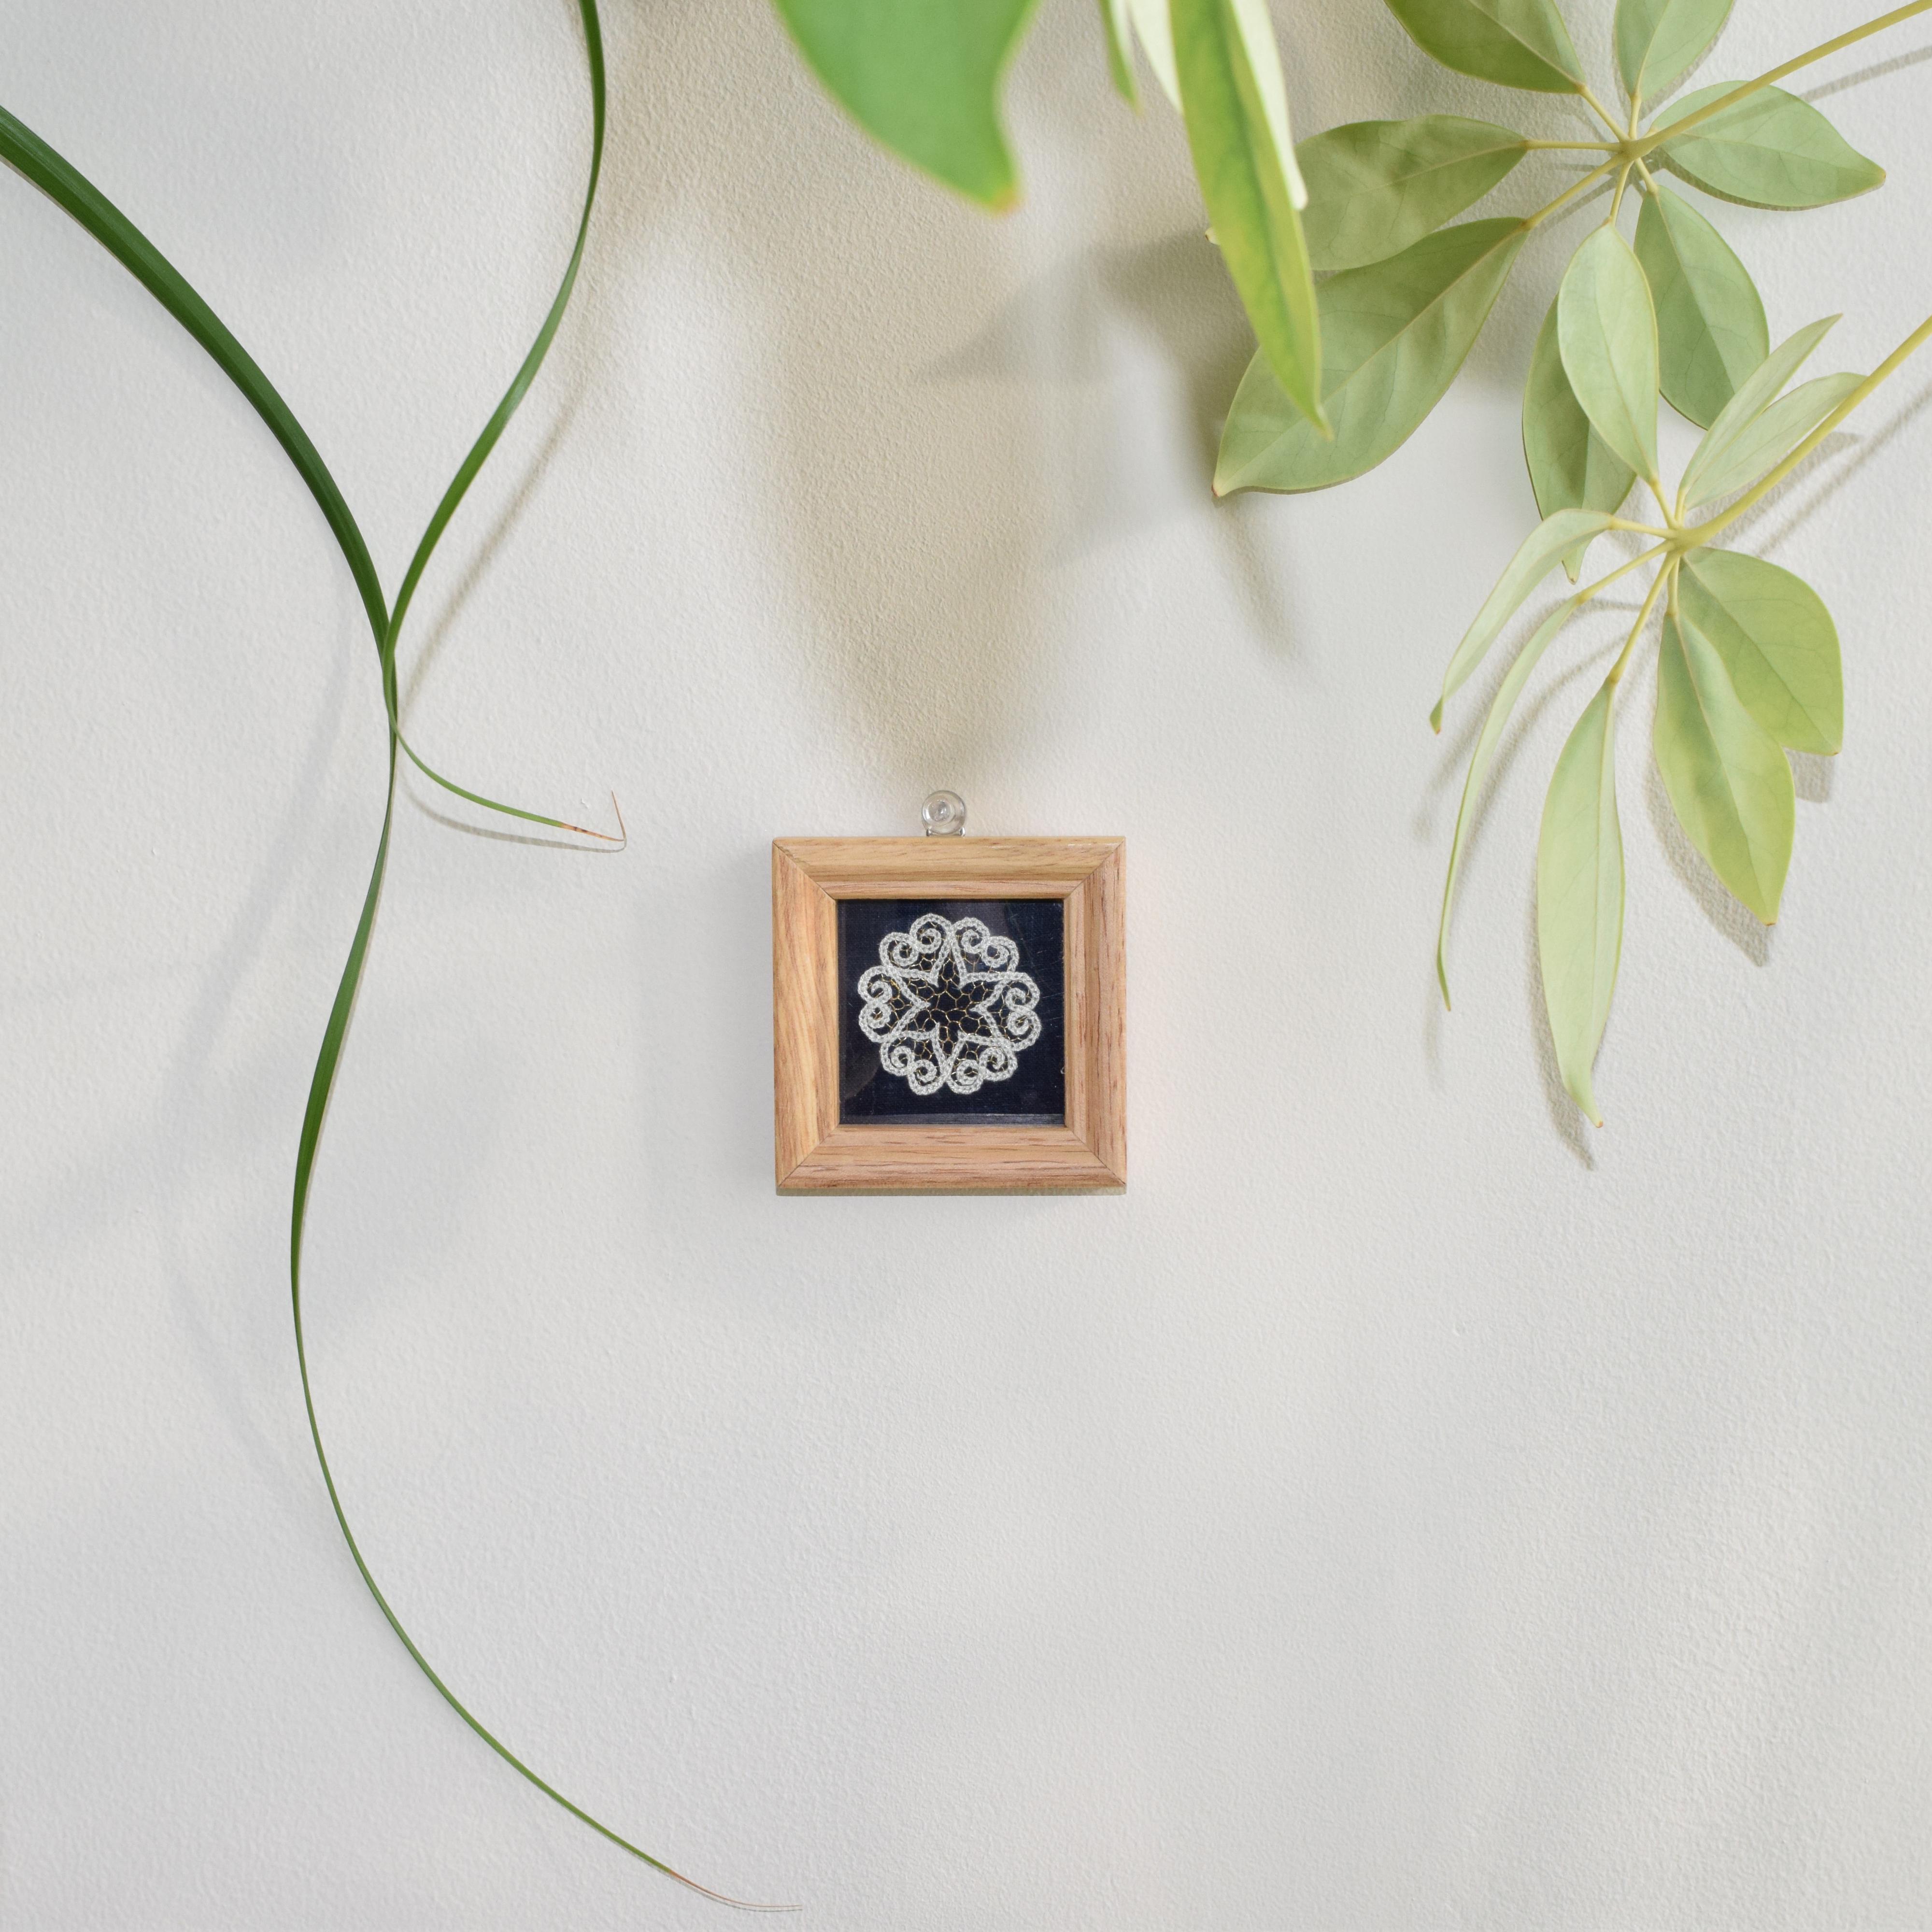 アートミニ額縁(白レース) mini picture frame(White lace knitting) 【さっぽろアイヌクラフト】